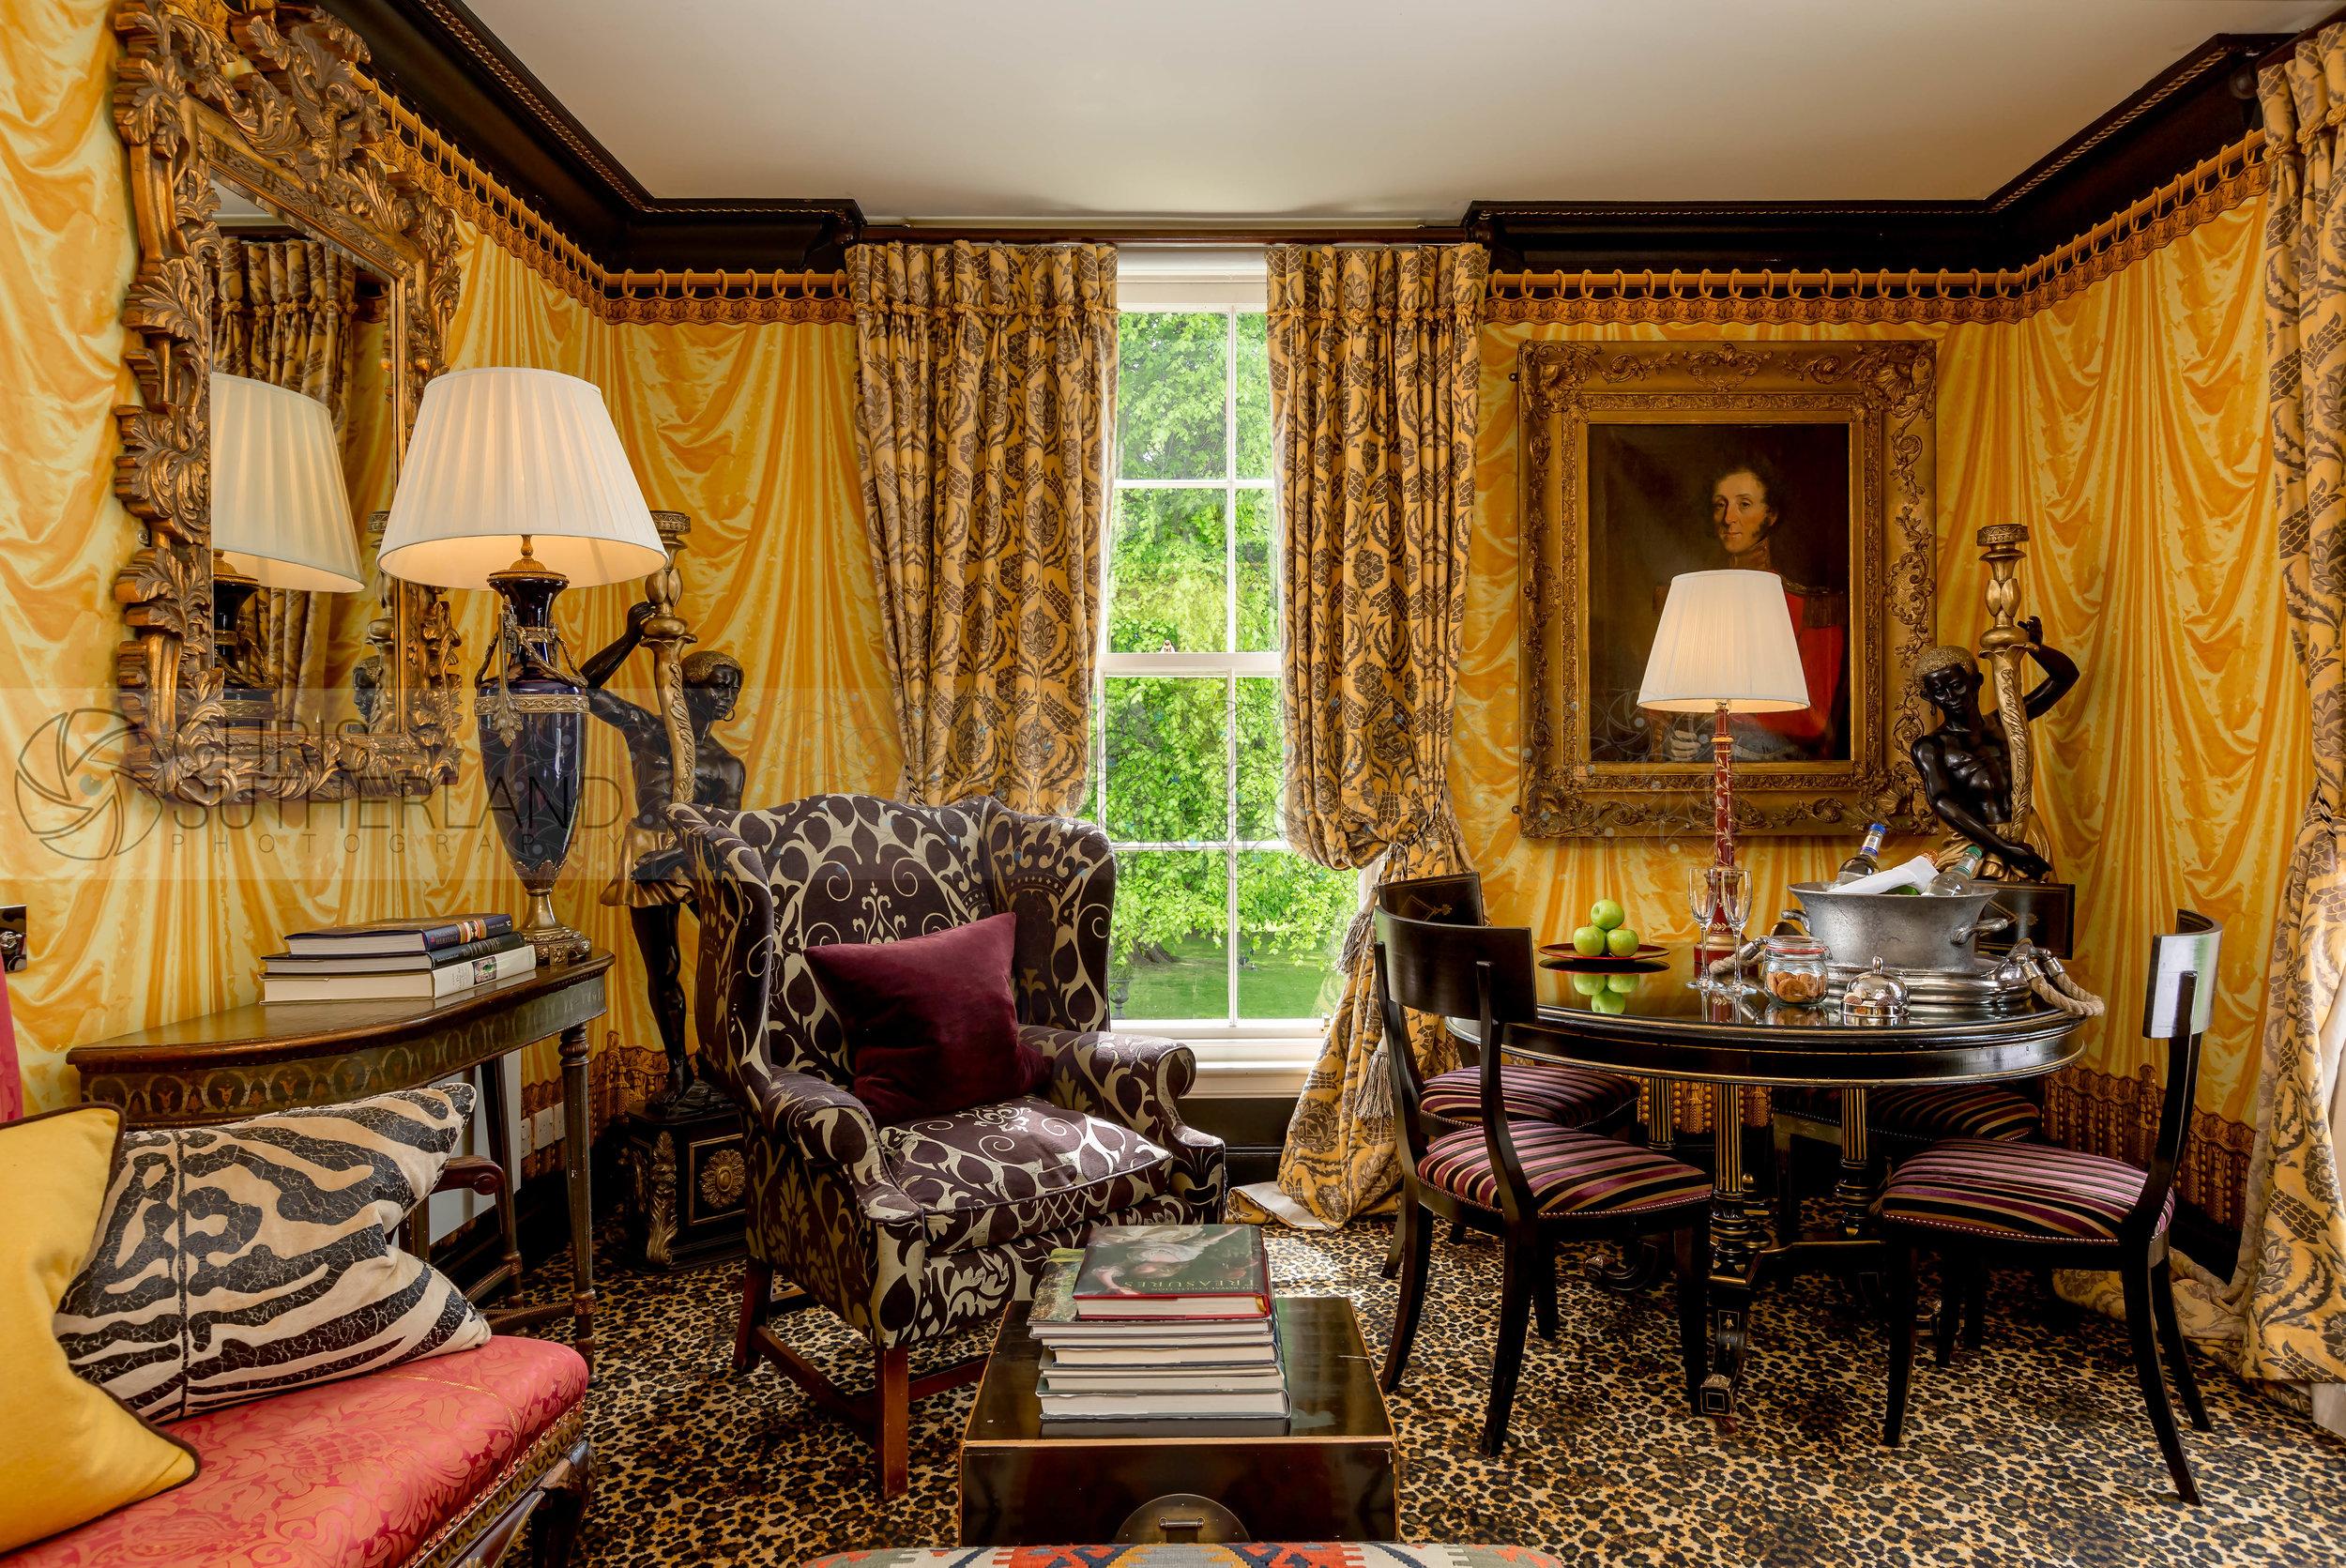 Prestonfield House Day 1 Benjamin Franklin-8.jpg